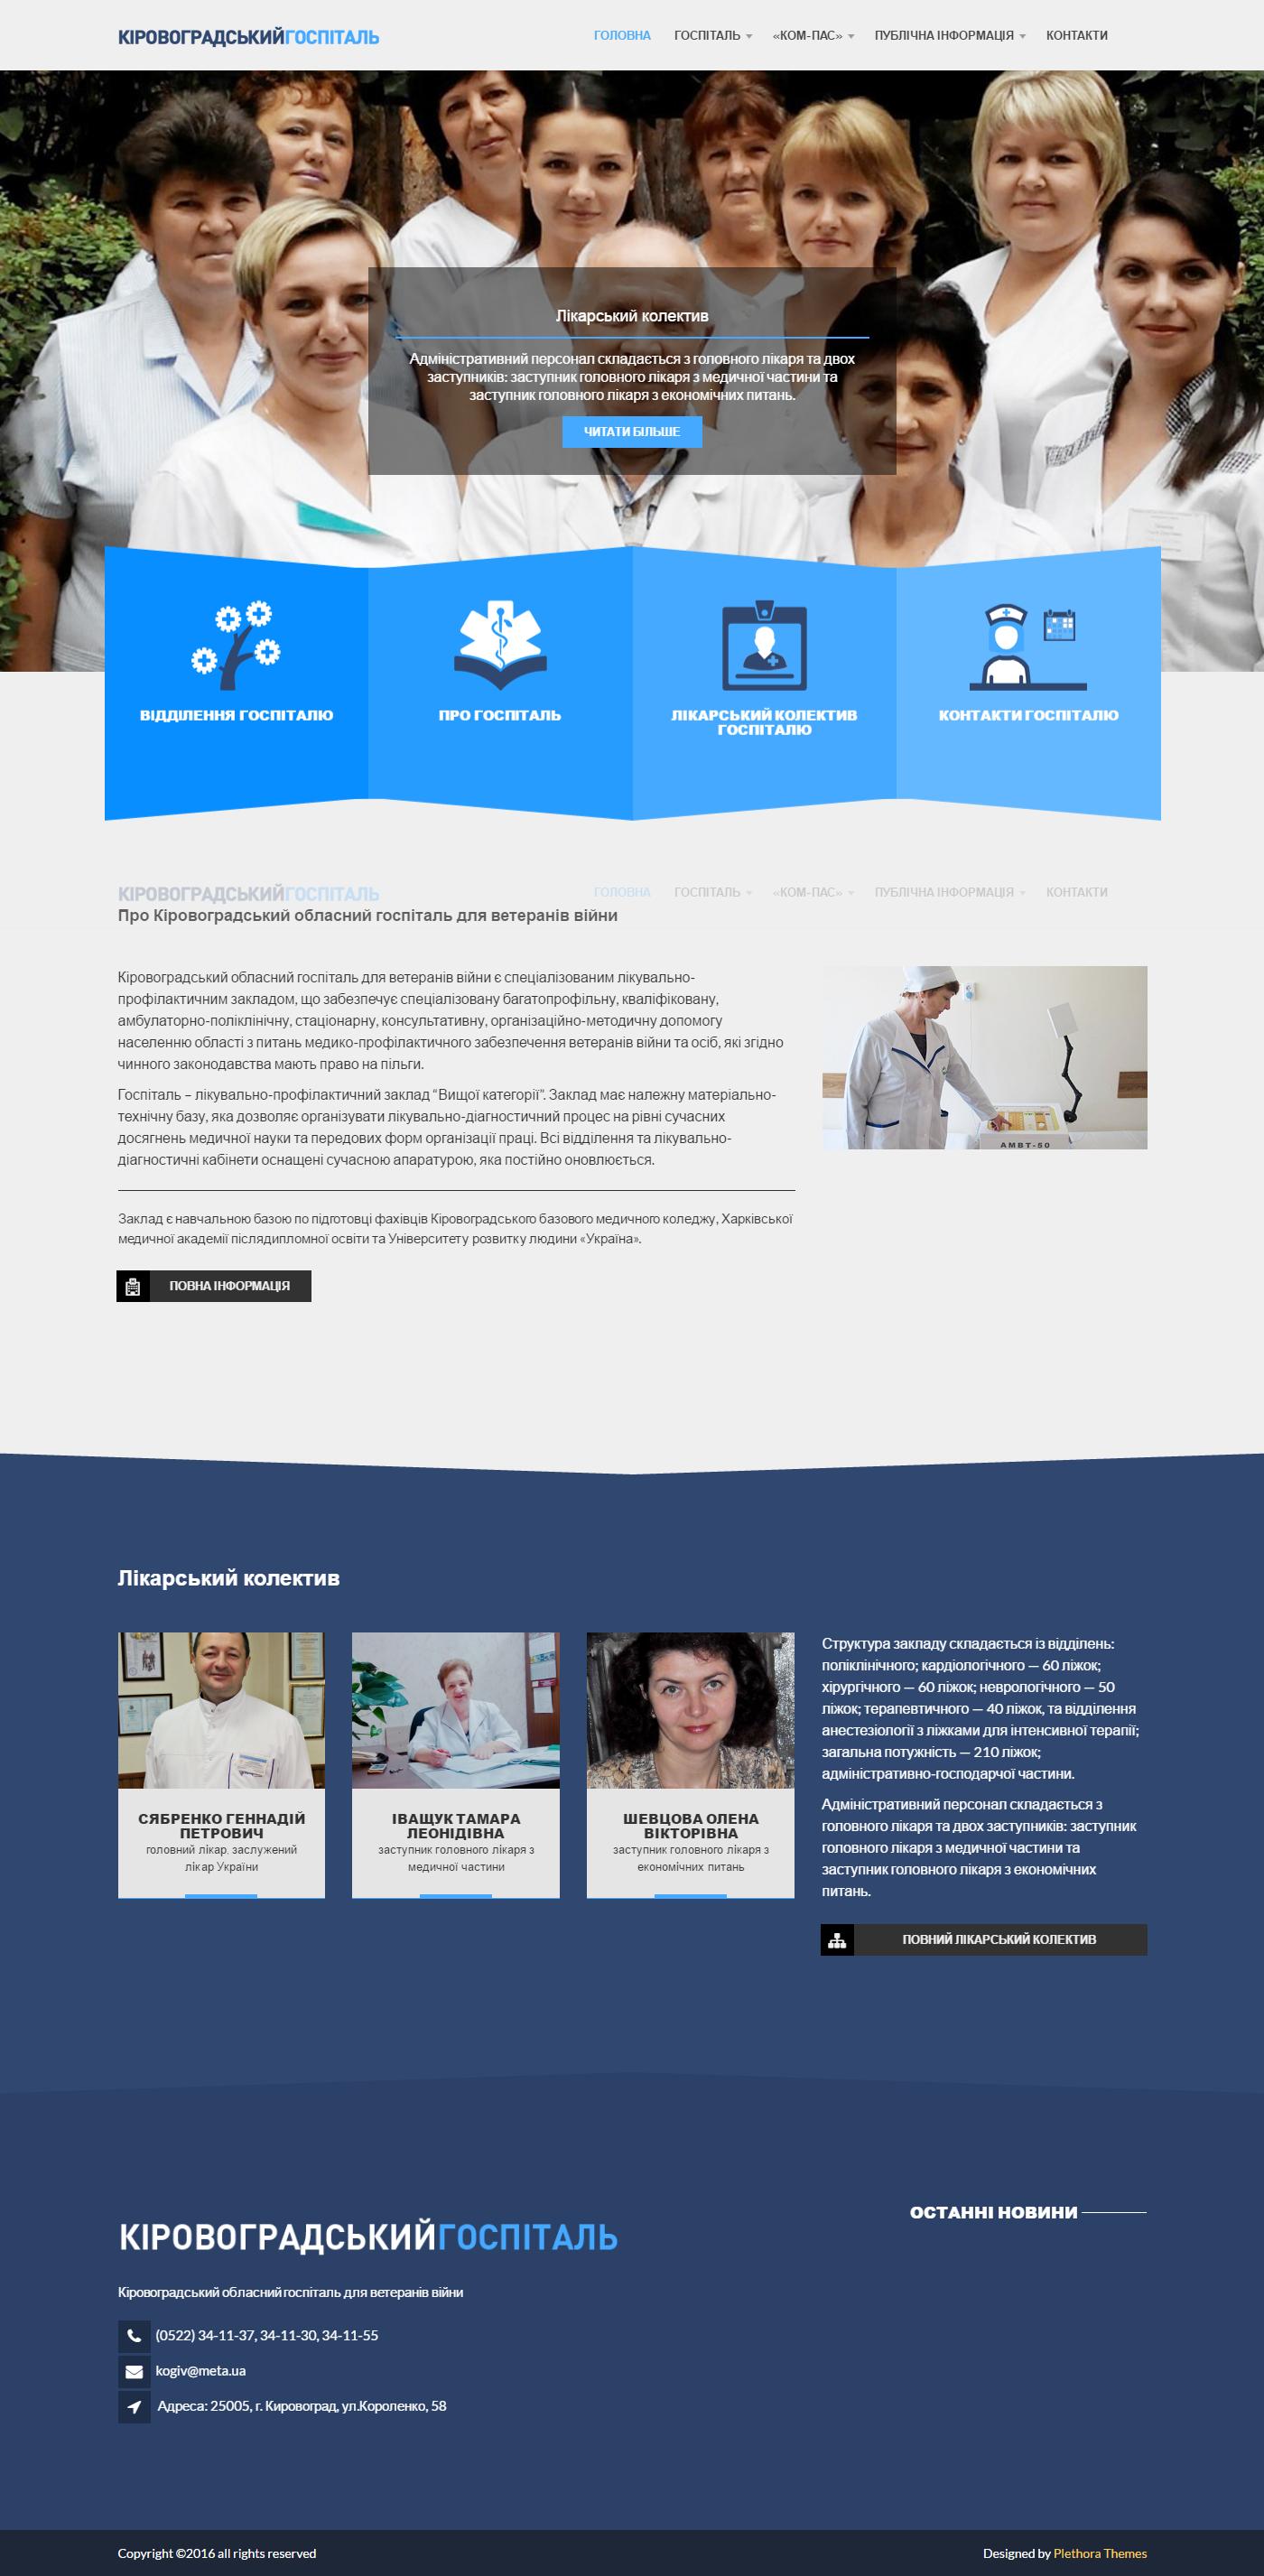 Gospital.in.ua - разработка сайта на CMS Wordpress